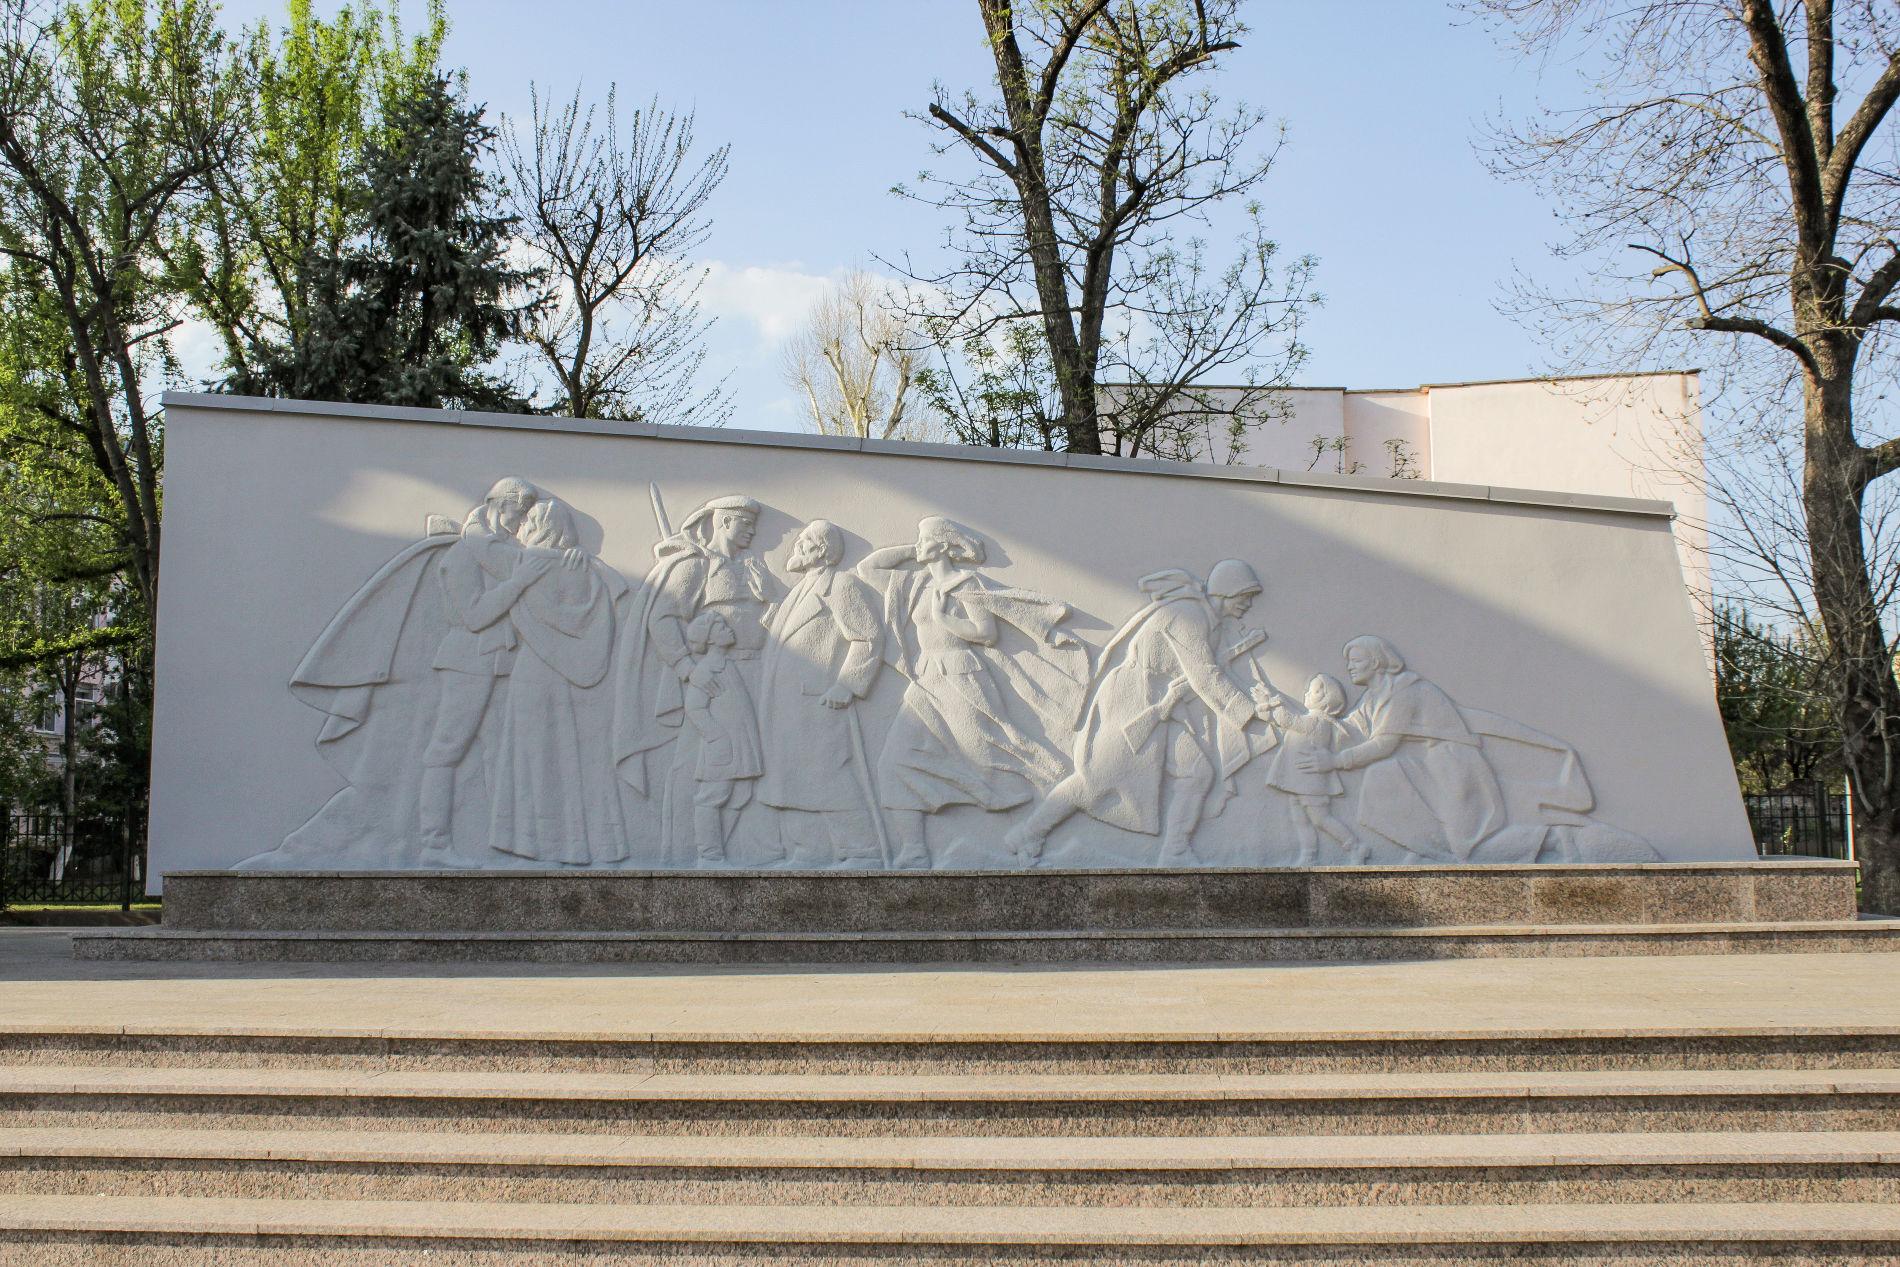 Правый — сцены освобождения города ©Фото Динара Бурангулова, Юга.ру